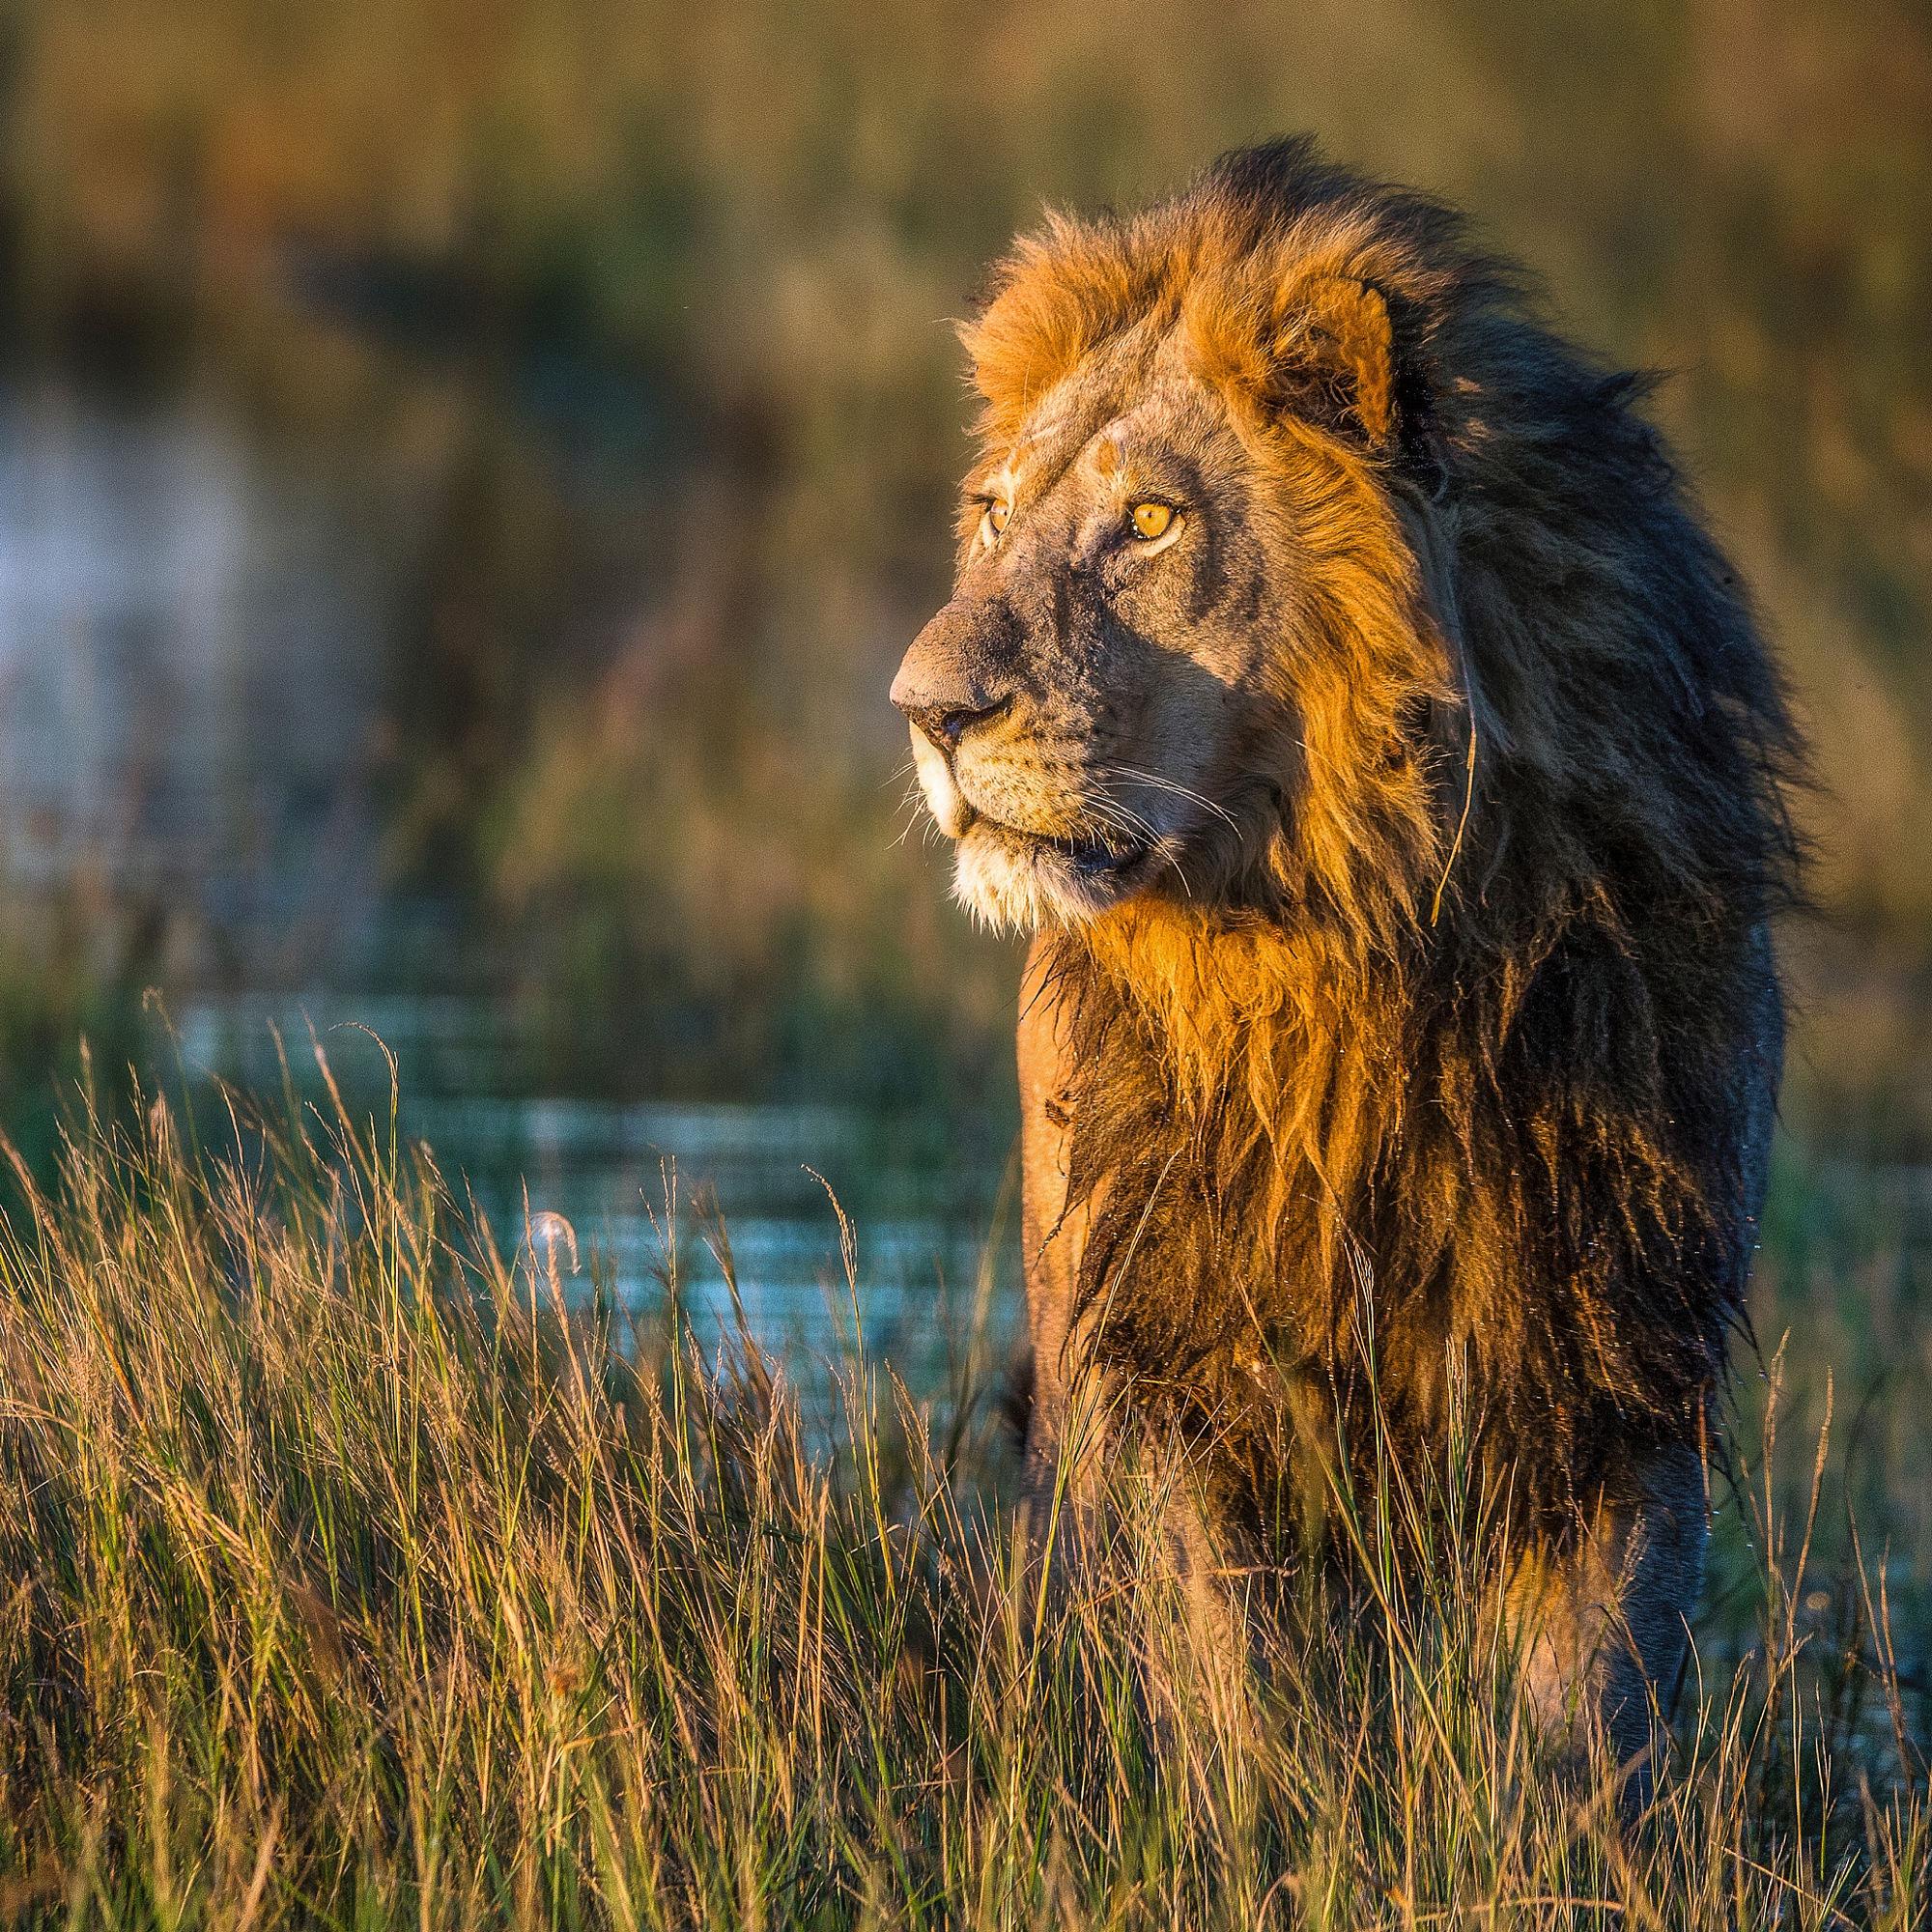 поэтому хорошая картинка льва уверенно